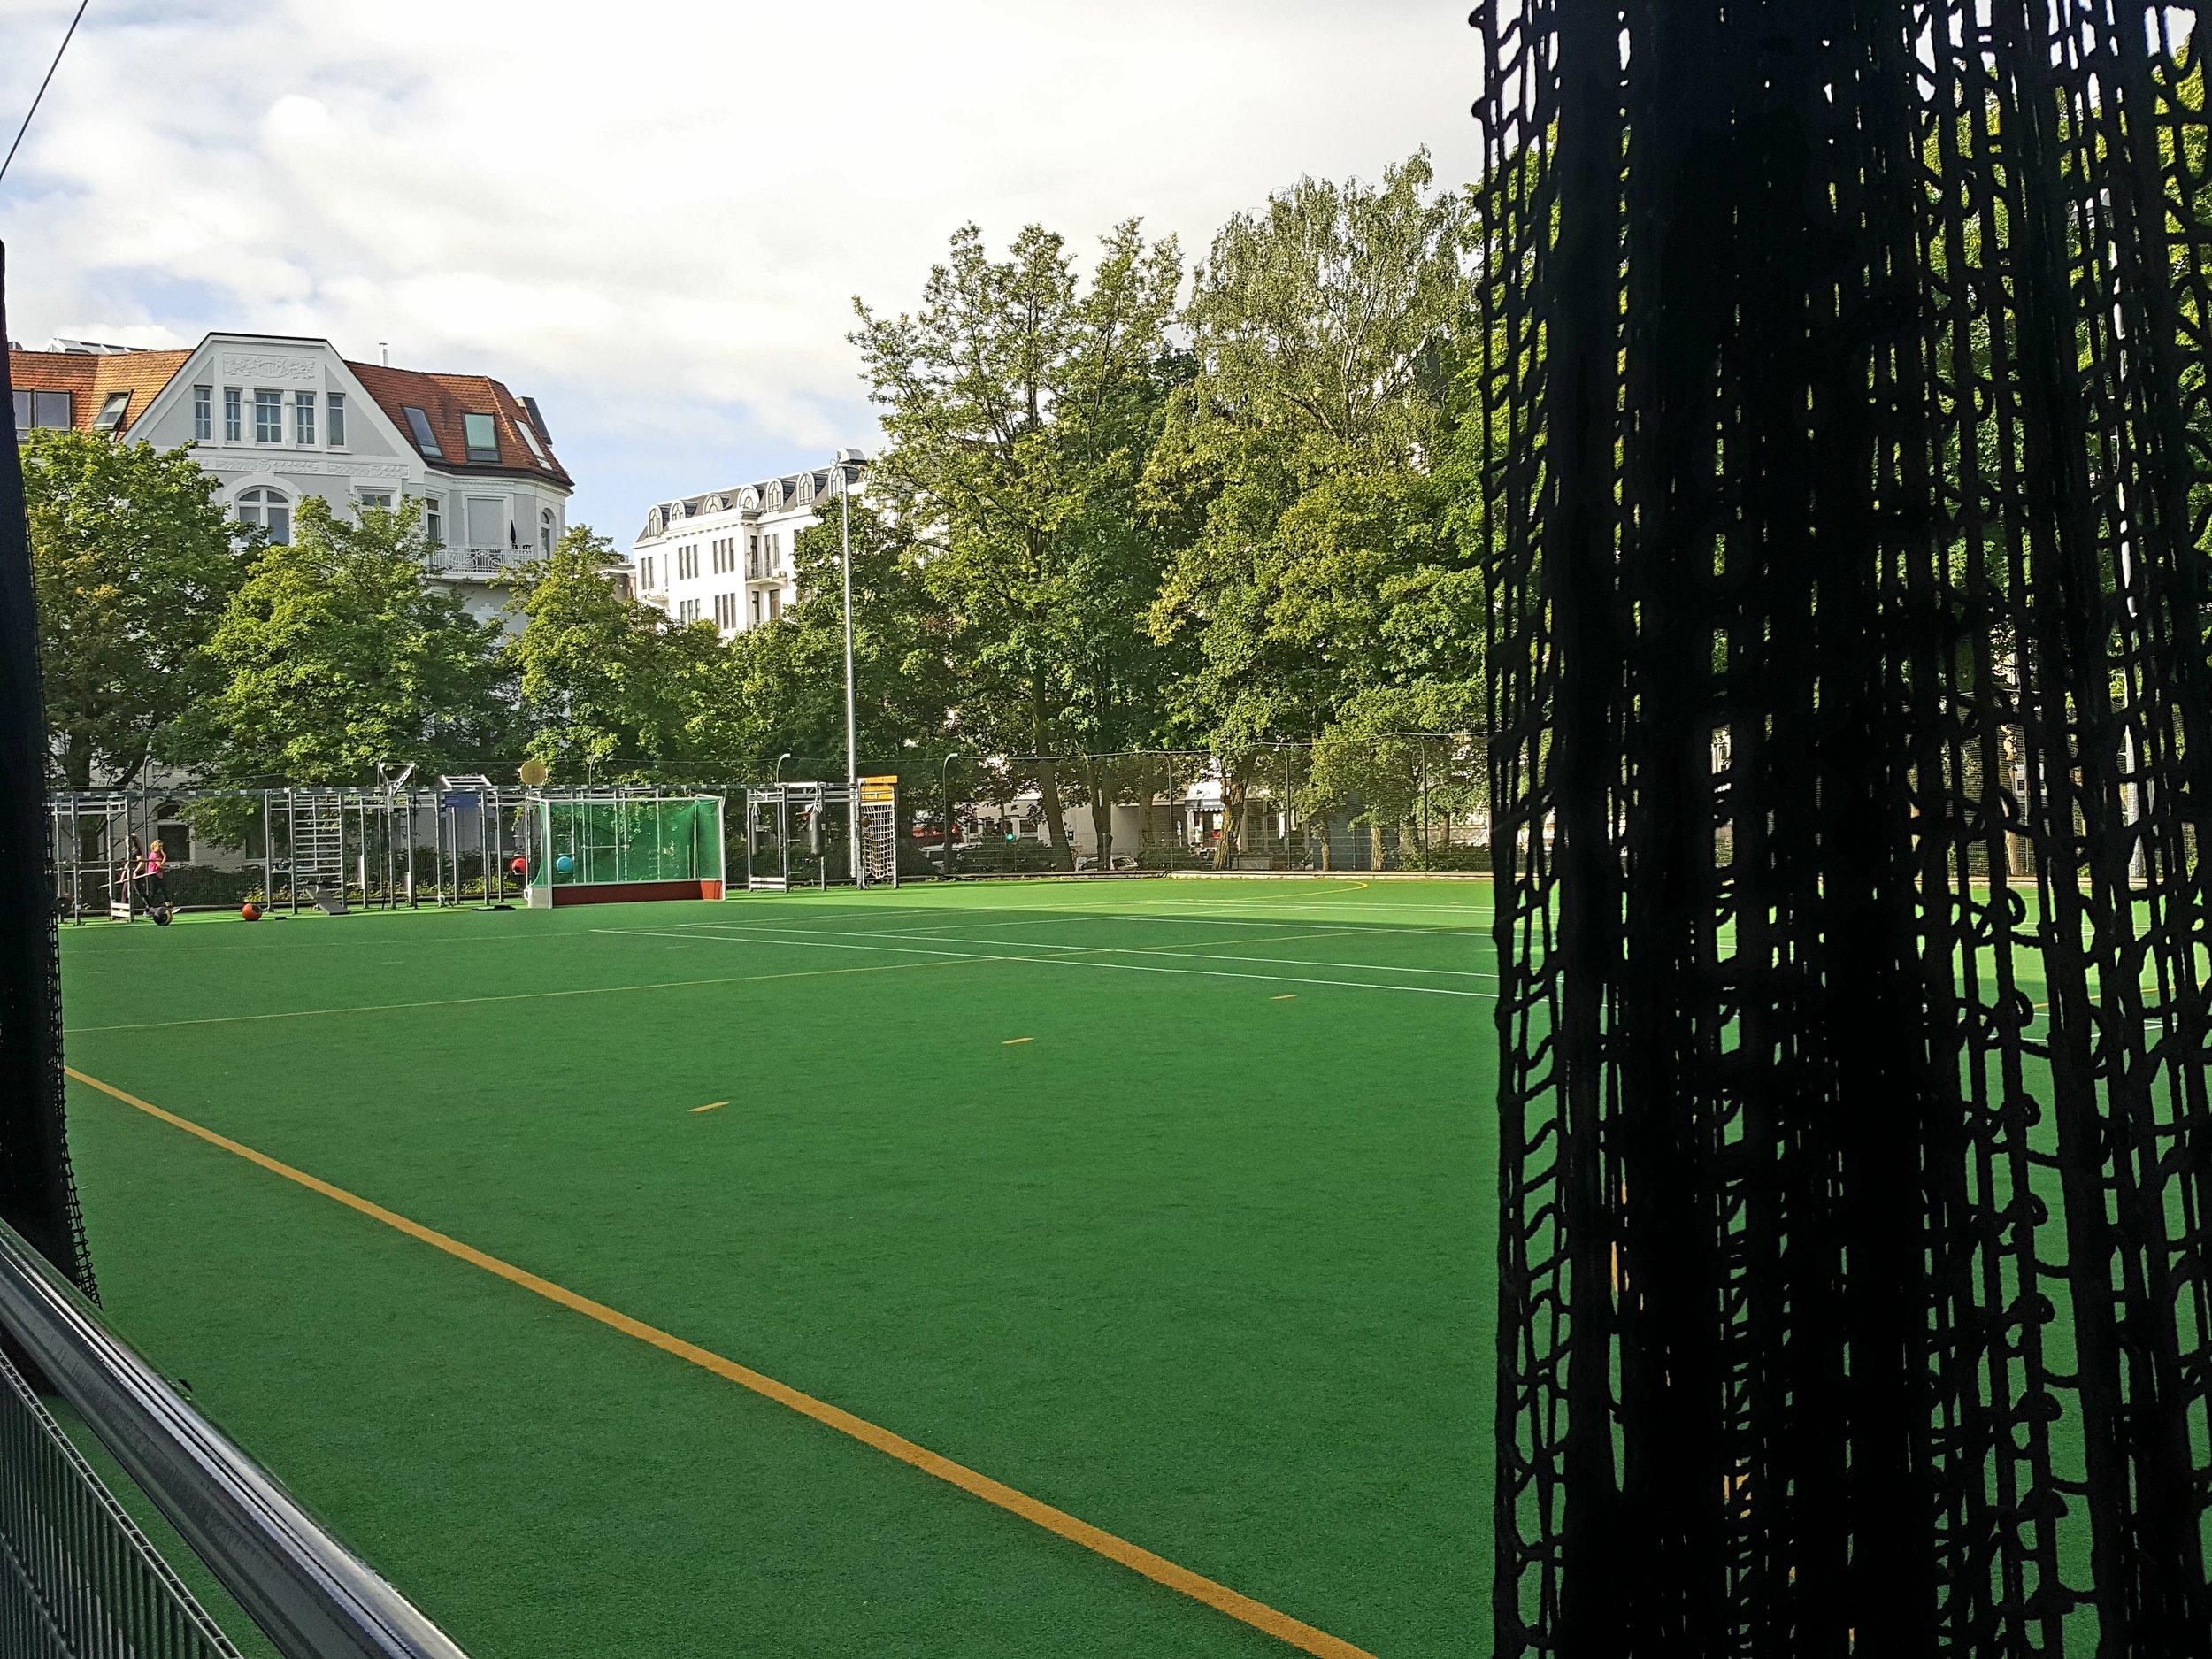 Velkommen hos Aspria Uhlenhorst. Til en eksklusivt kommercielt fitnesscenter i den velhavende del af Hamburg hører naturligvis egen hockeybane.  Foto: Henrik H. Brandt